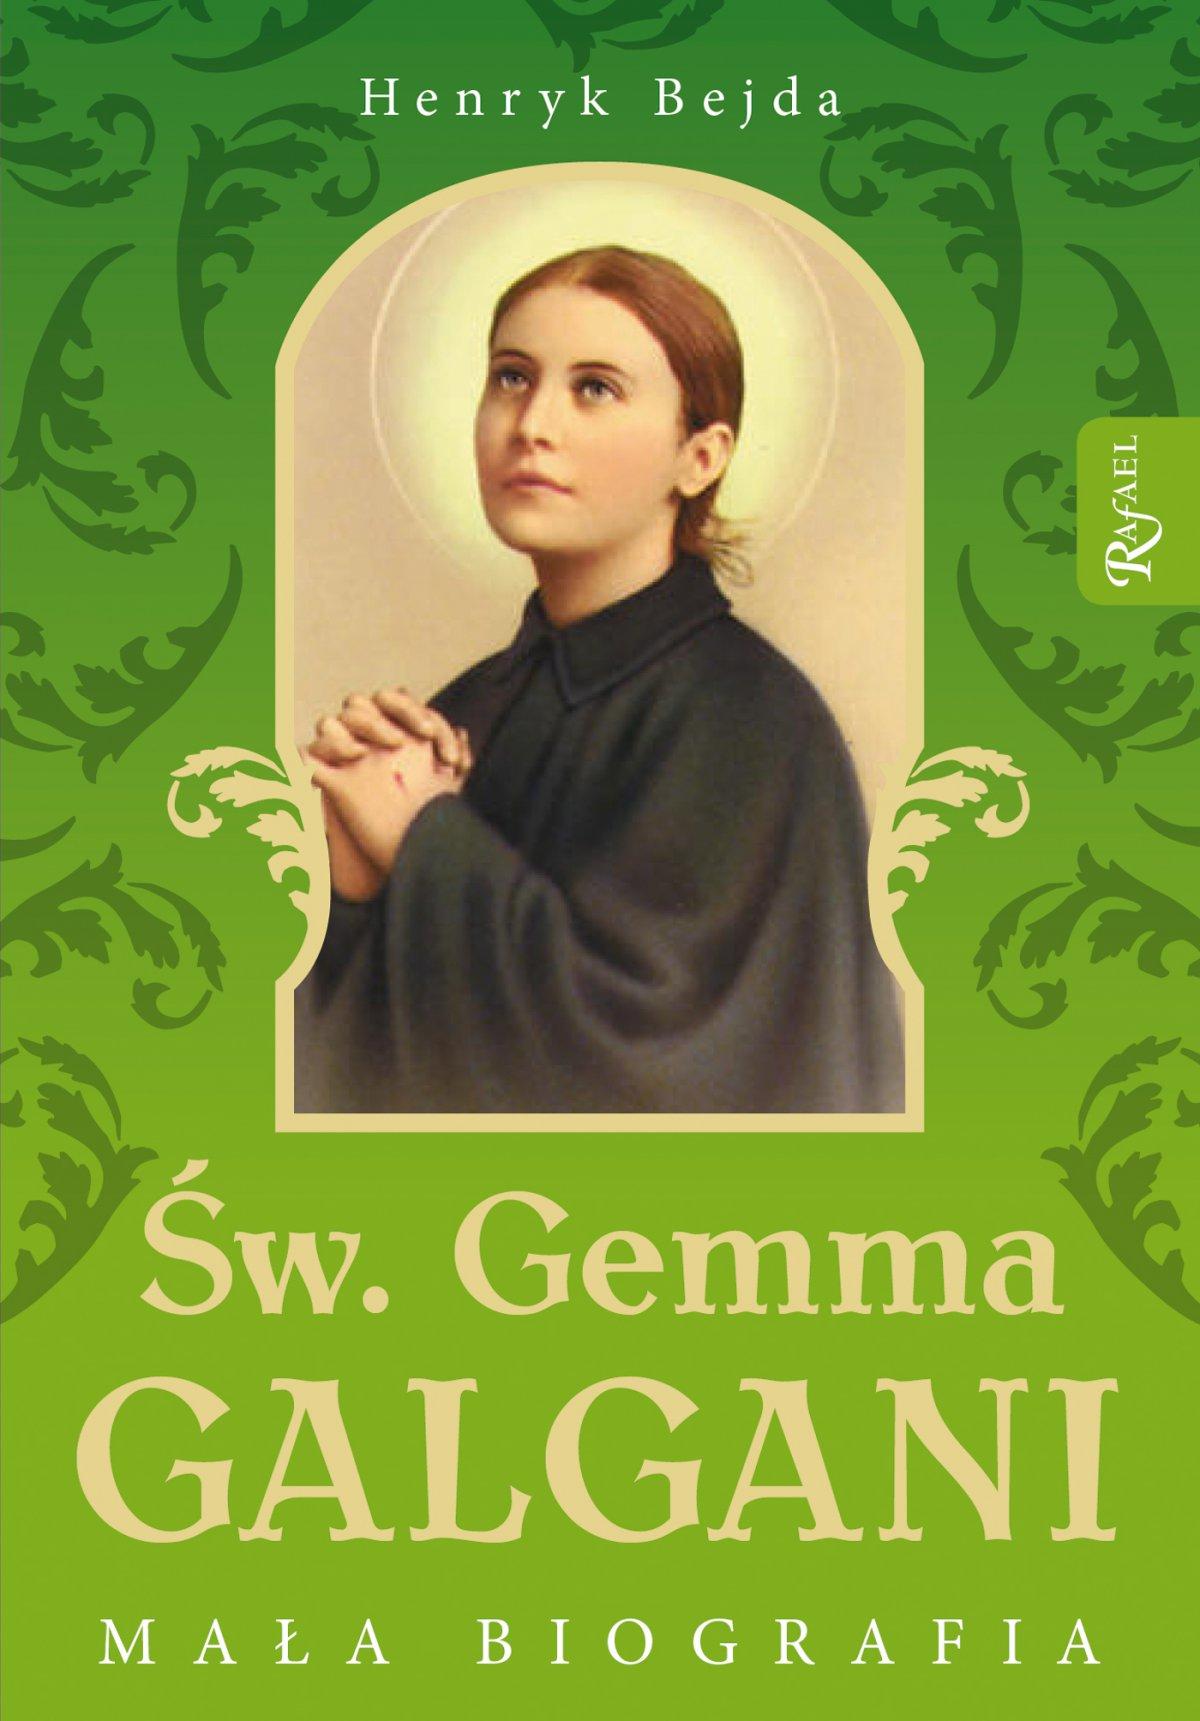 Św. Gemma Galgani - Ebook (Książka EPUB) do pobrania w formacie EPUB